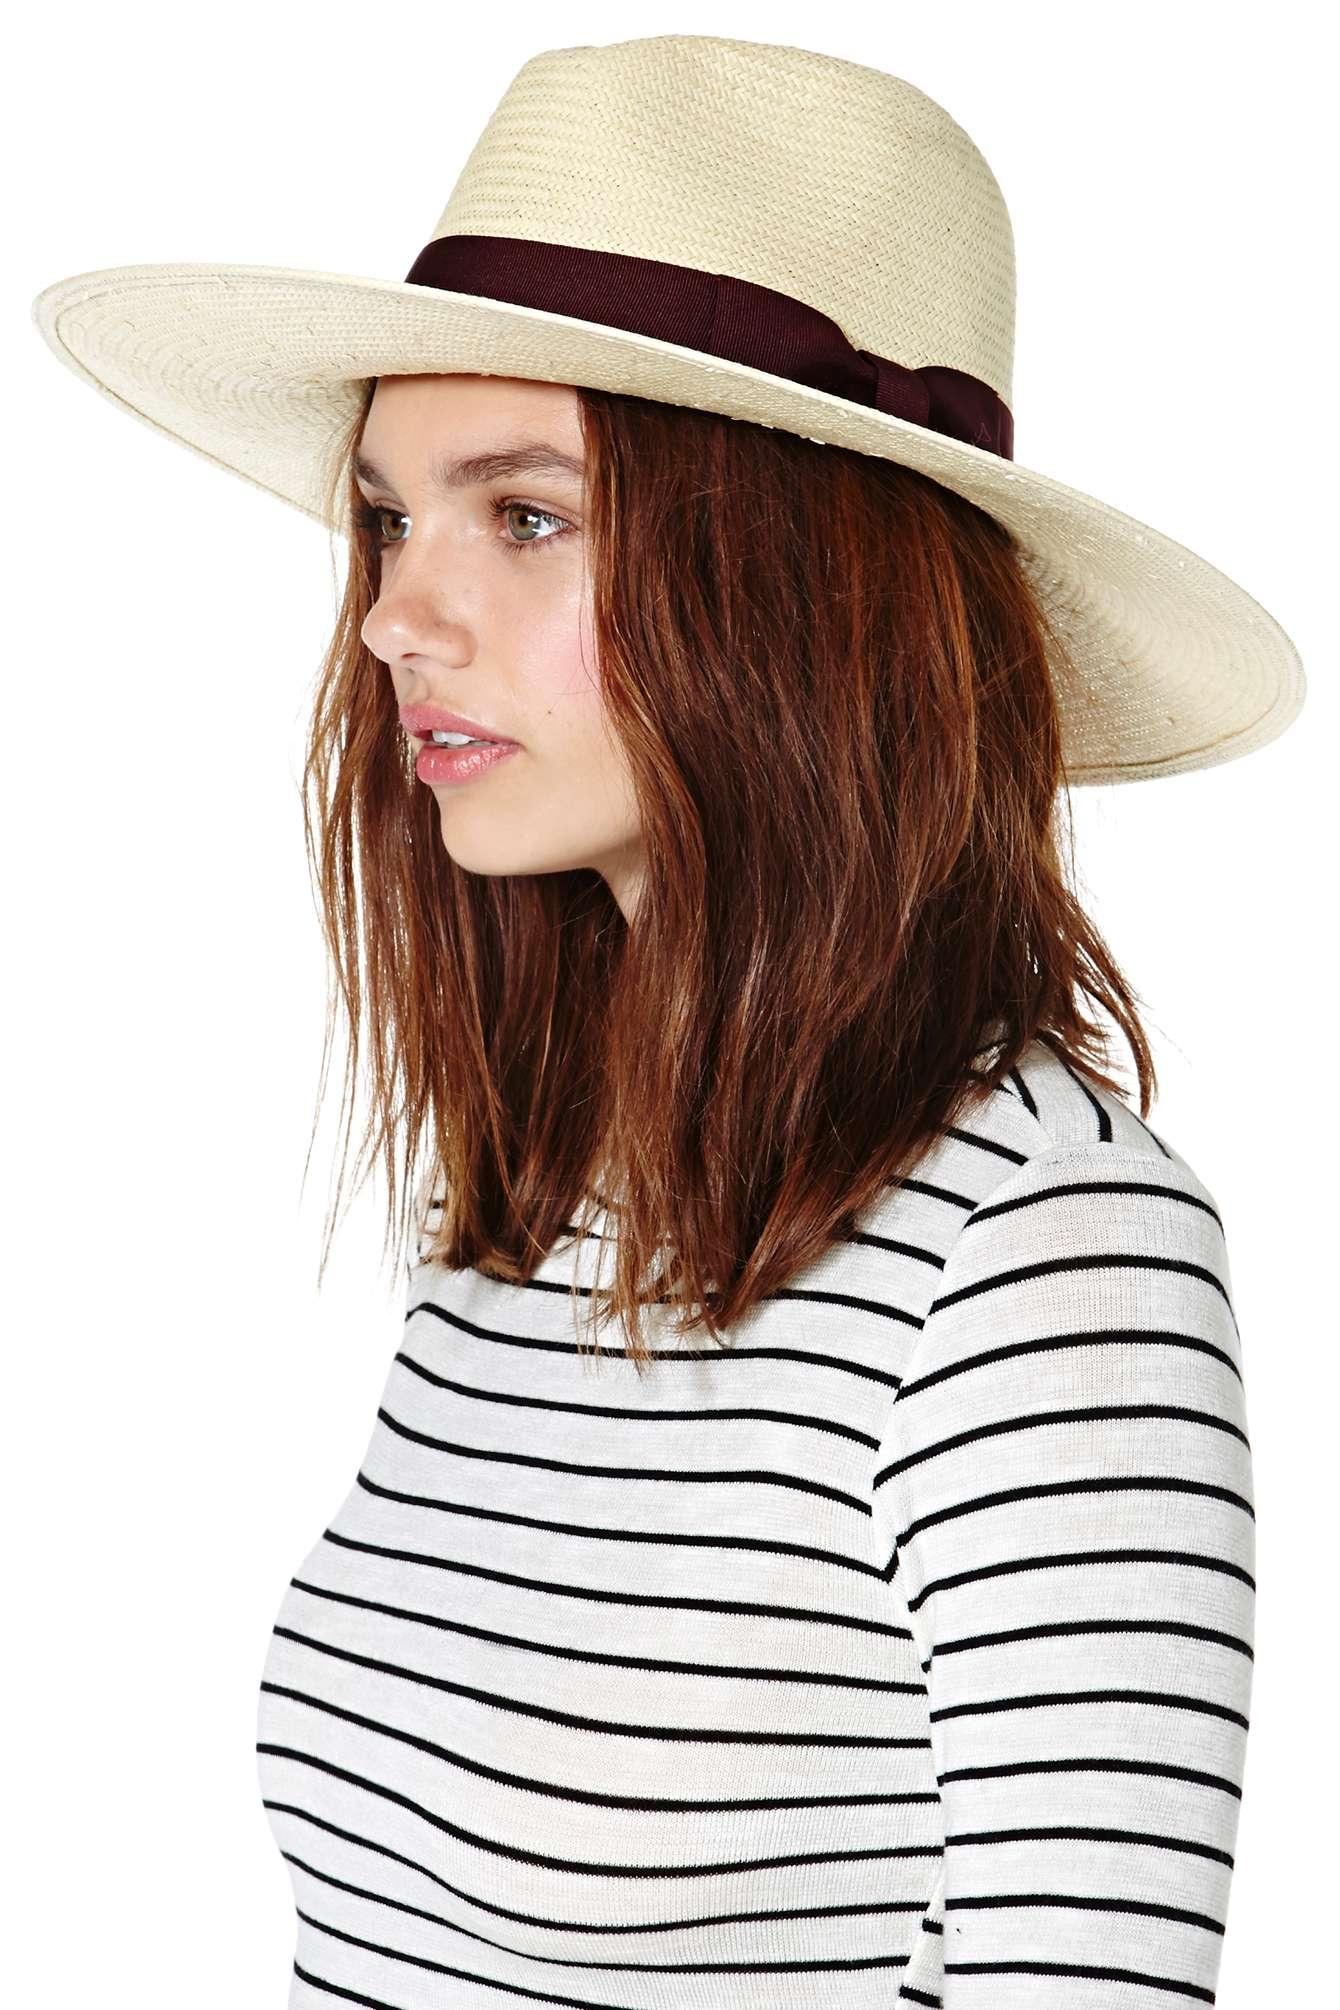 Lyst - Nasty Gal Jordan Panama Hat in Natural 1eeec8cb8a74